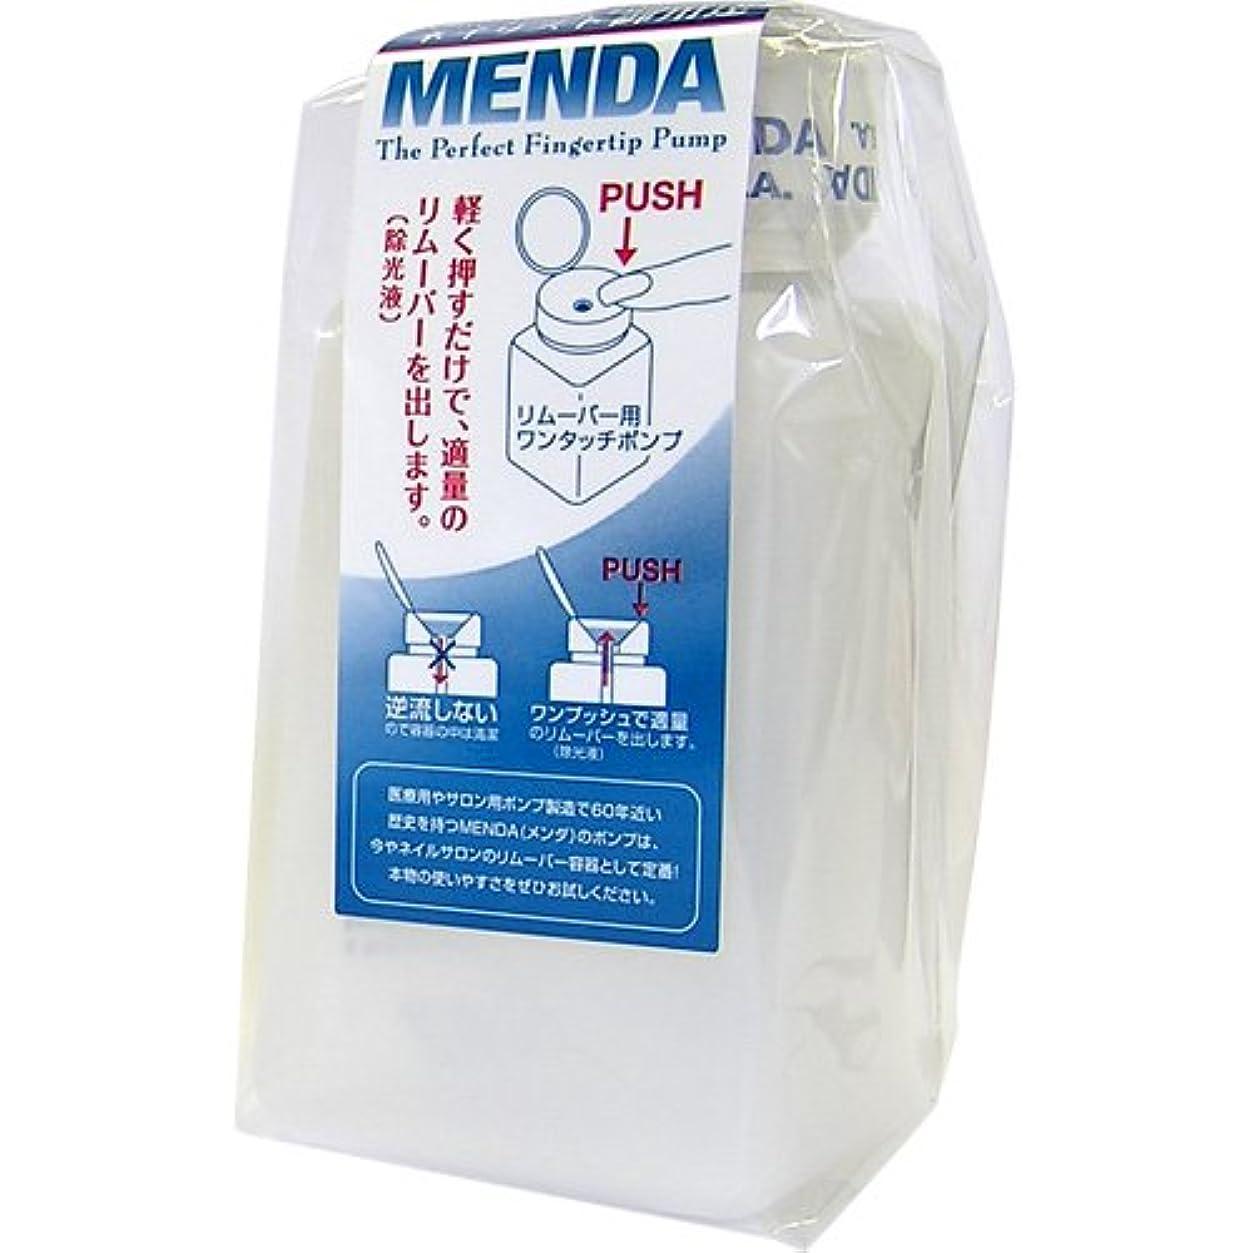 猫背愛国的なリーズメンダ<MENDA>リムーバー用ワンタッチポンプ180ml(6oz)